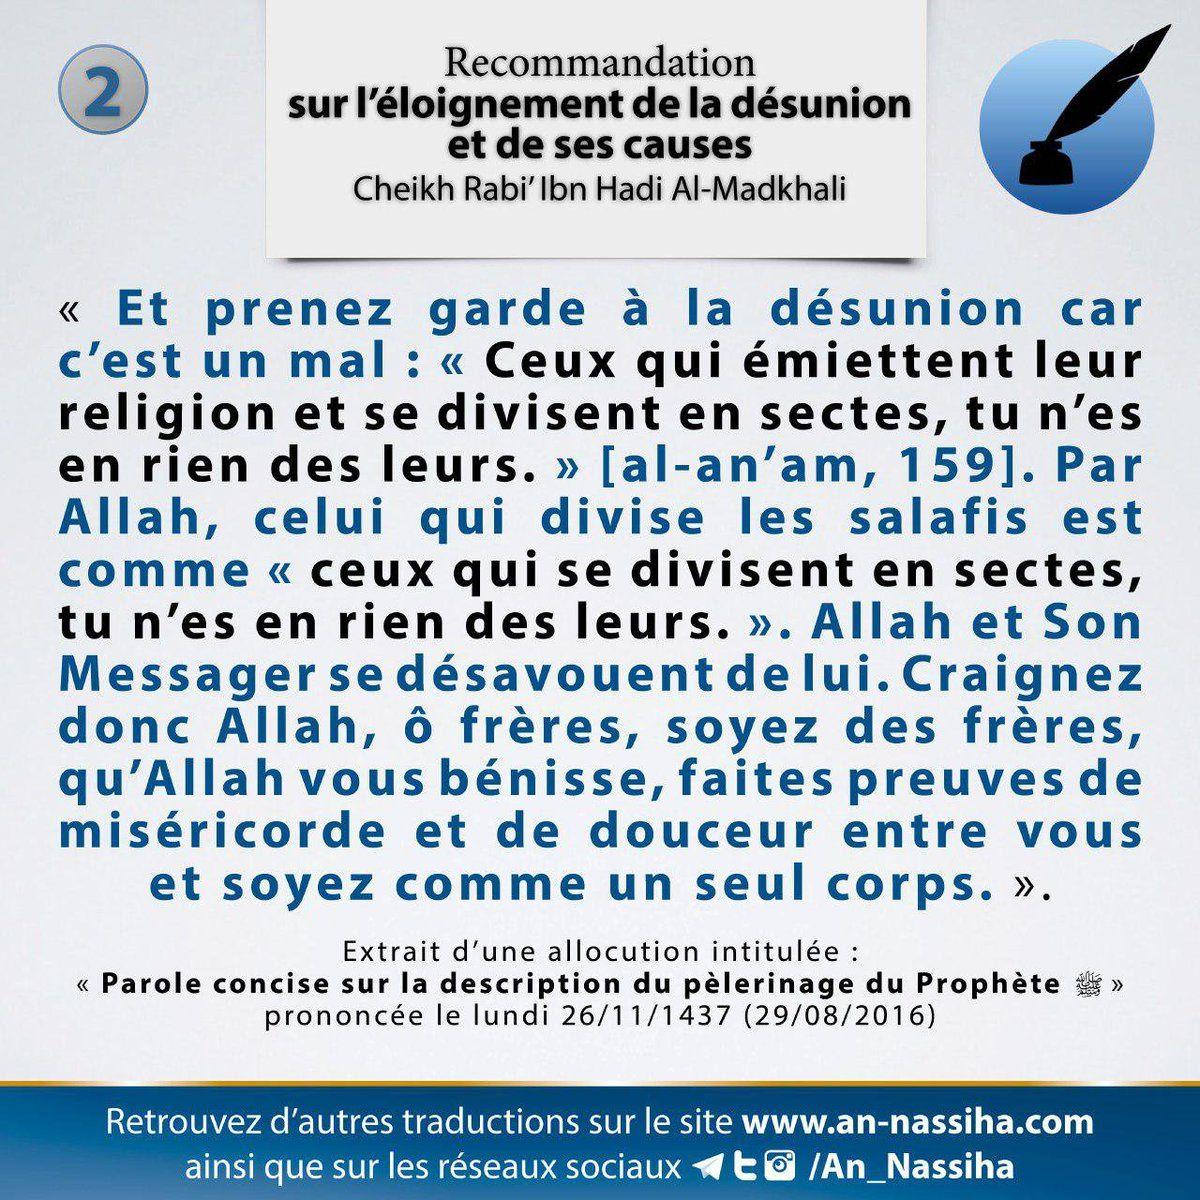 Et prenez garde à la désunion ! Certes, nombre de ceux qui aiment la notoriété divisent les salafis ici et là...